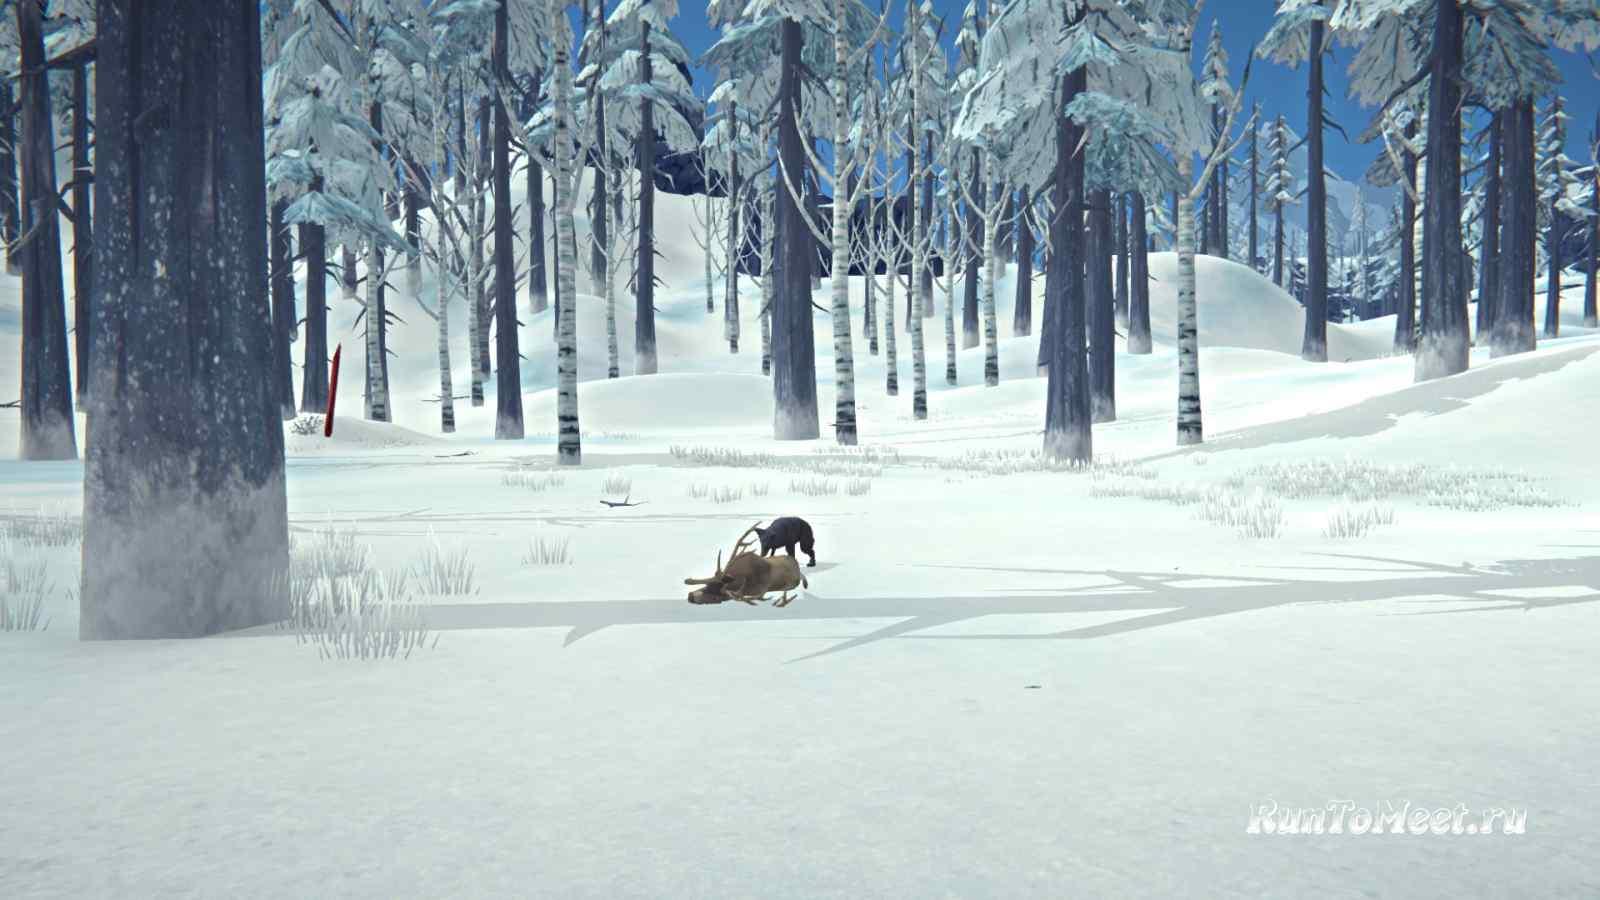 Волк поедает оленя на Волчьей горе, в игре The long dark